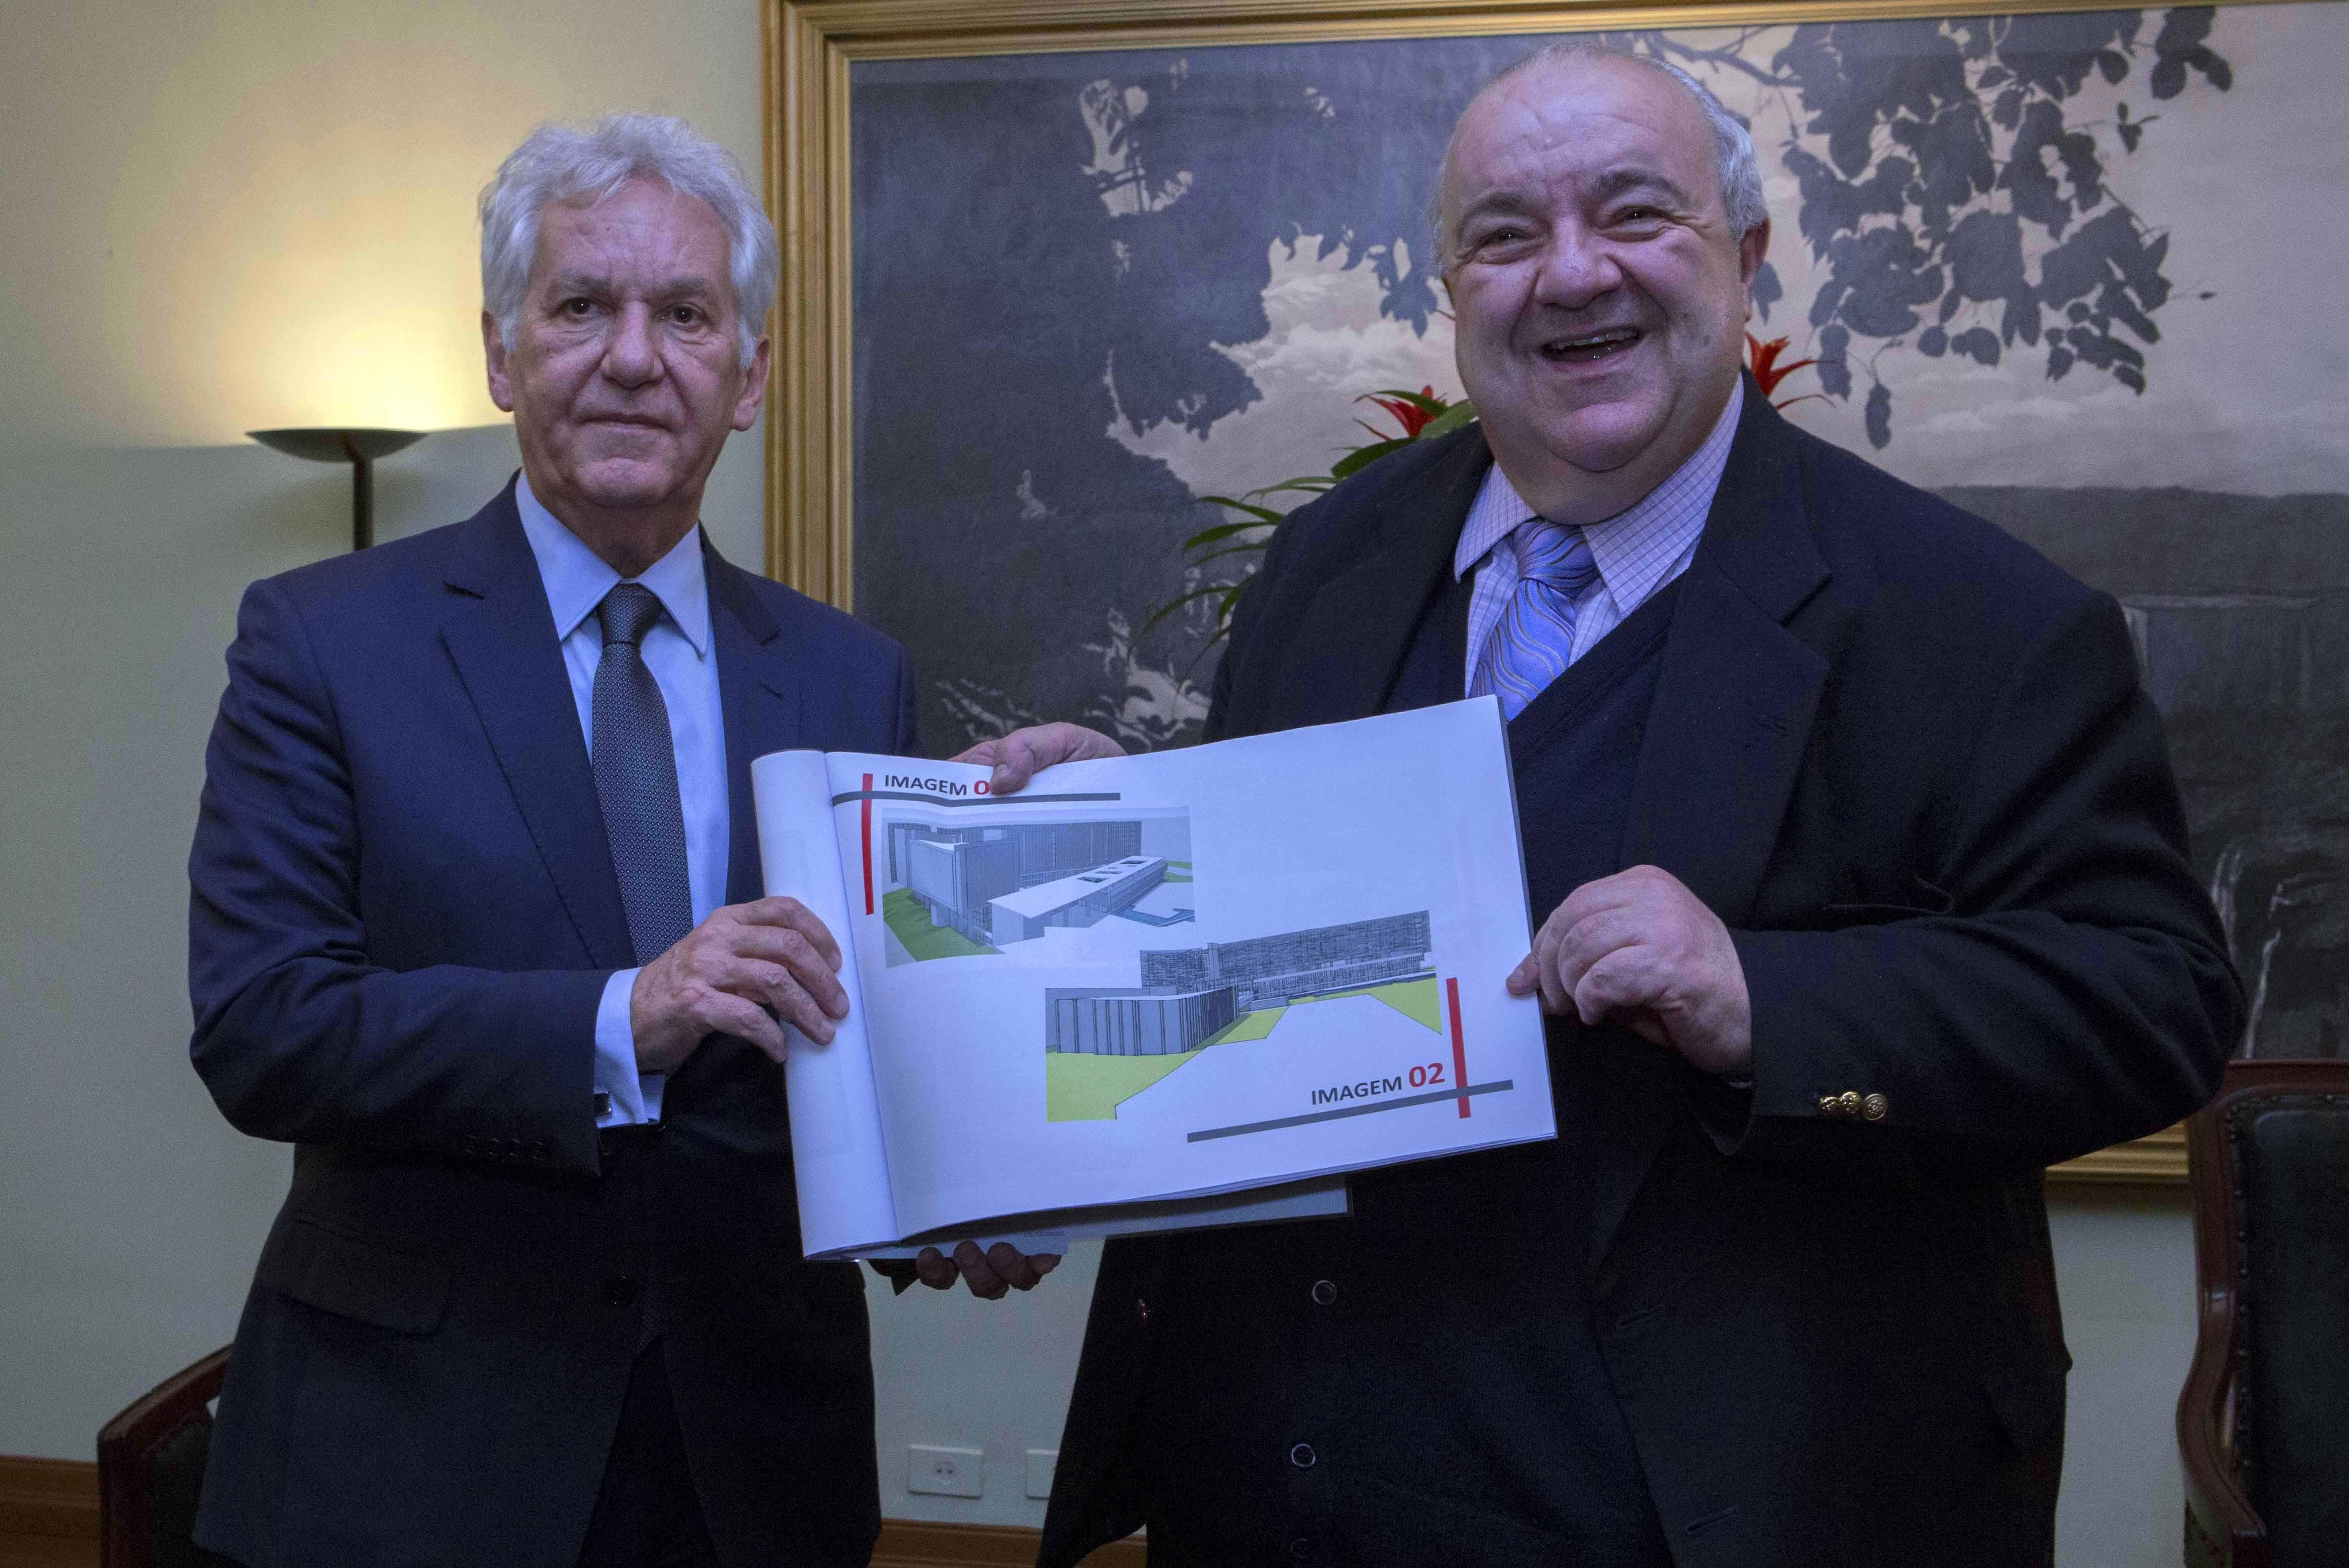 Presidente do TJPR apresenta projeto de conclusão do Centro Judiciário ao Prefeito de Curitiba